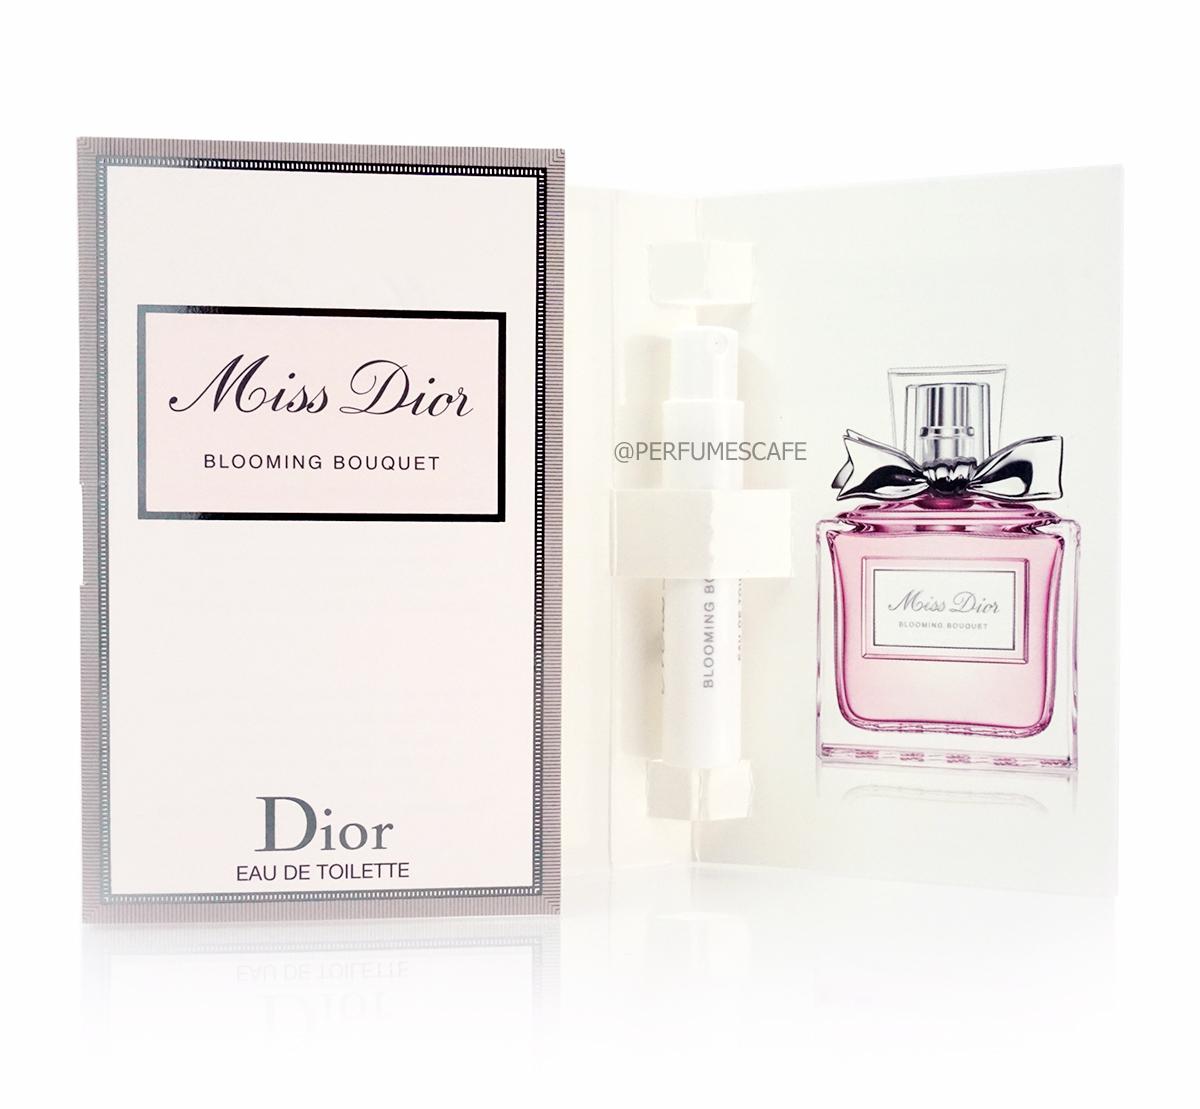 น้ำหอม Miss Dior Blooming Bouquet EDT ขนาดทดลอง 1 ml